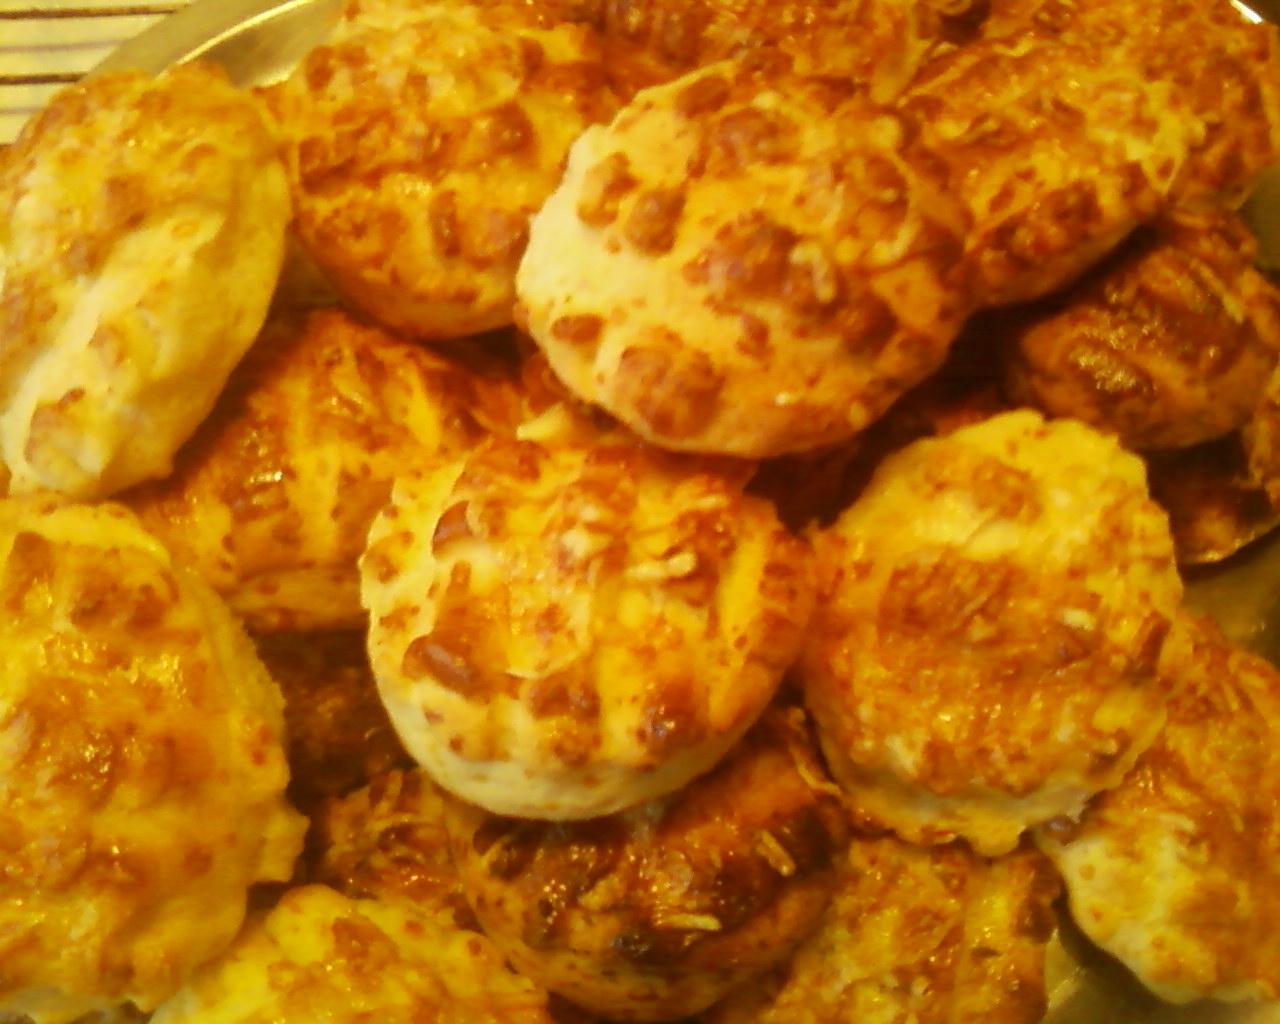 ungerska kakor